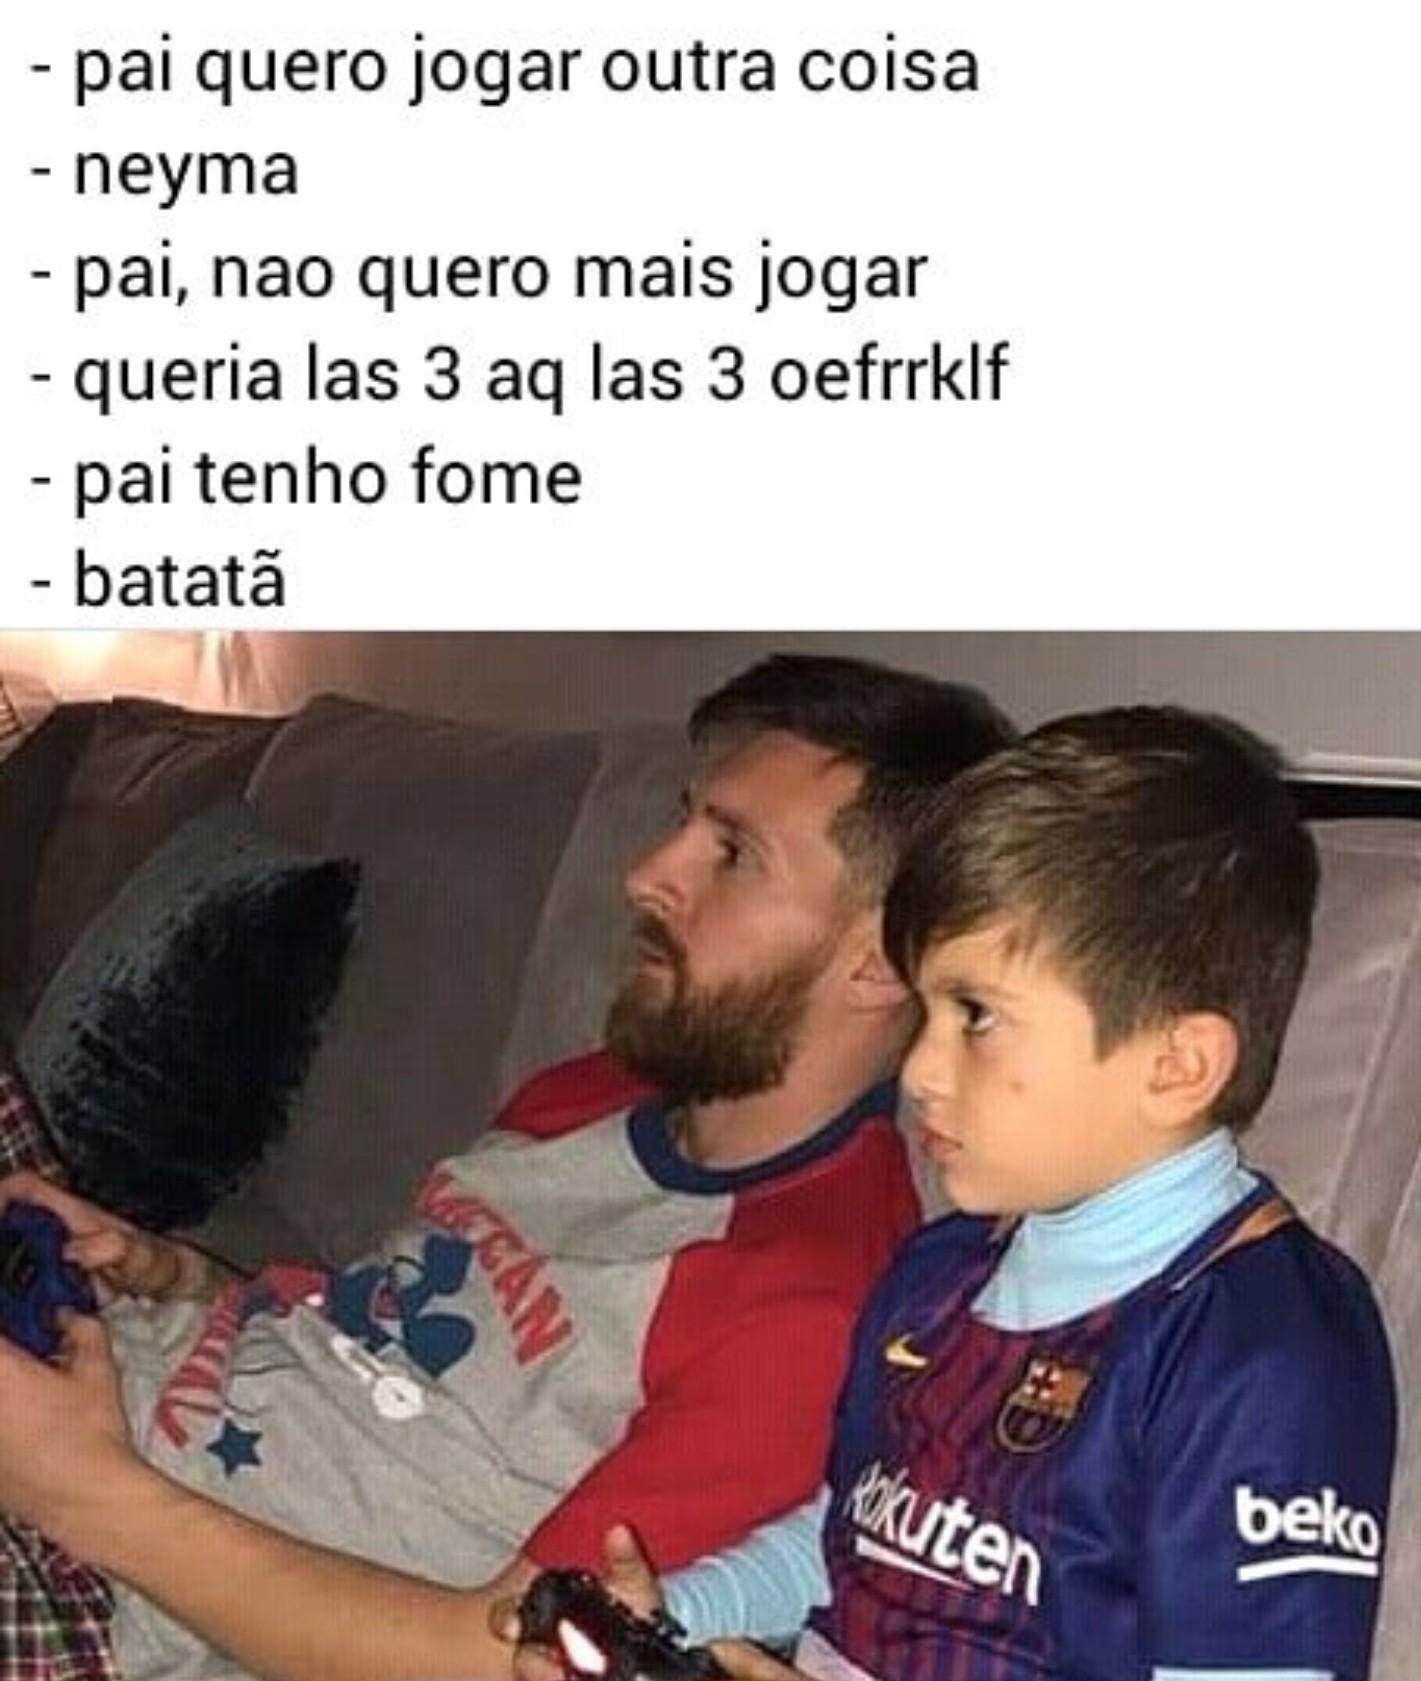 Bataga - meme